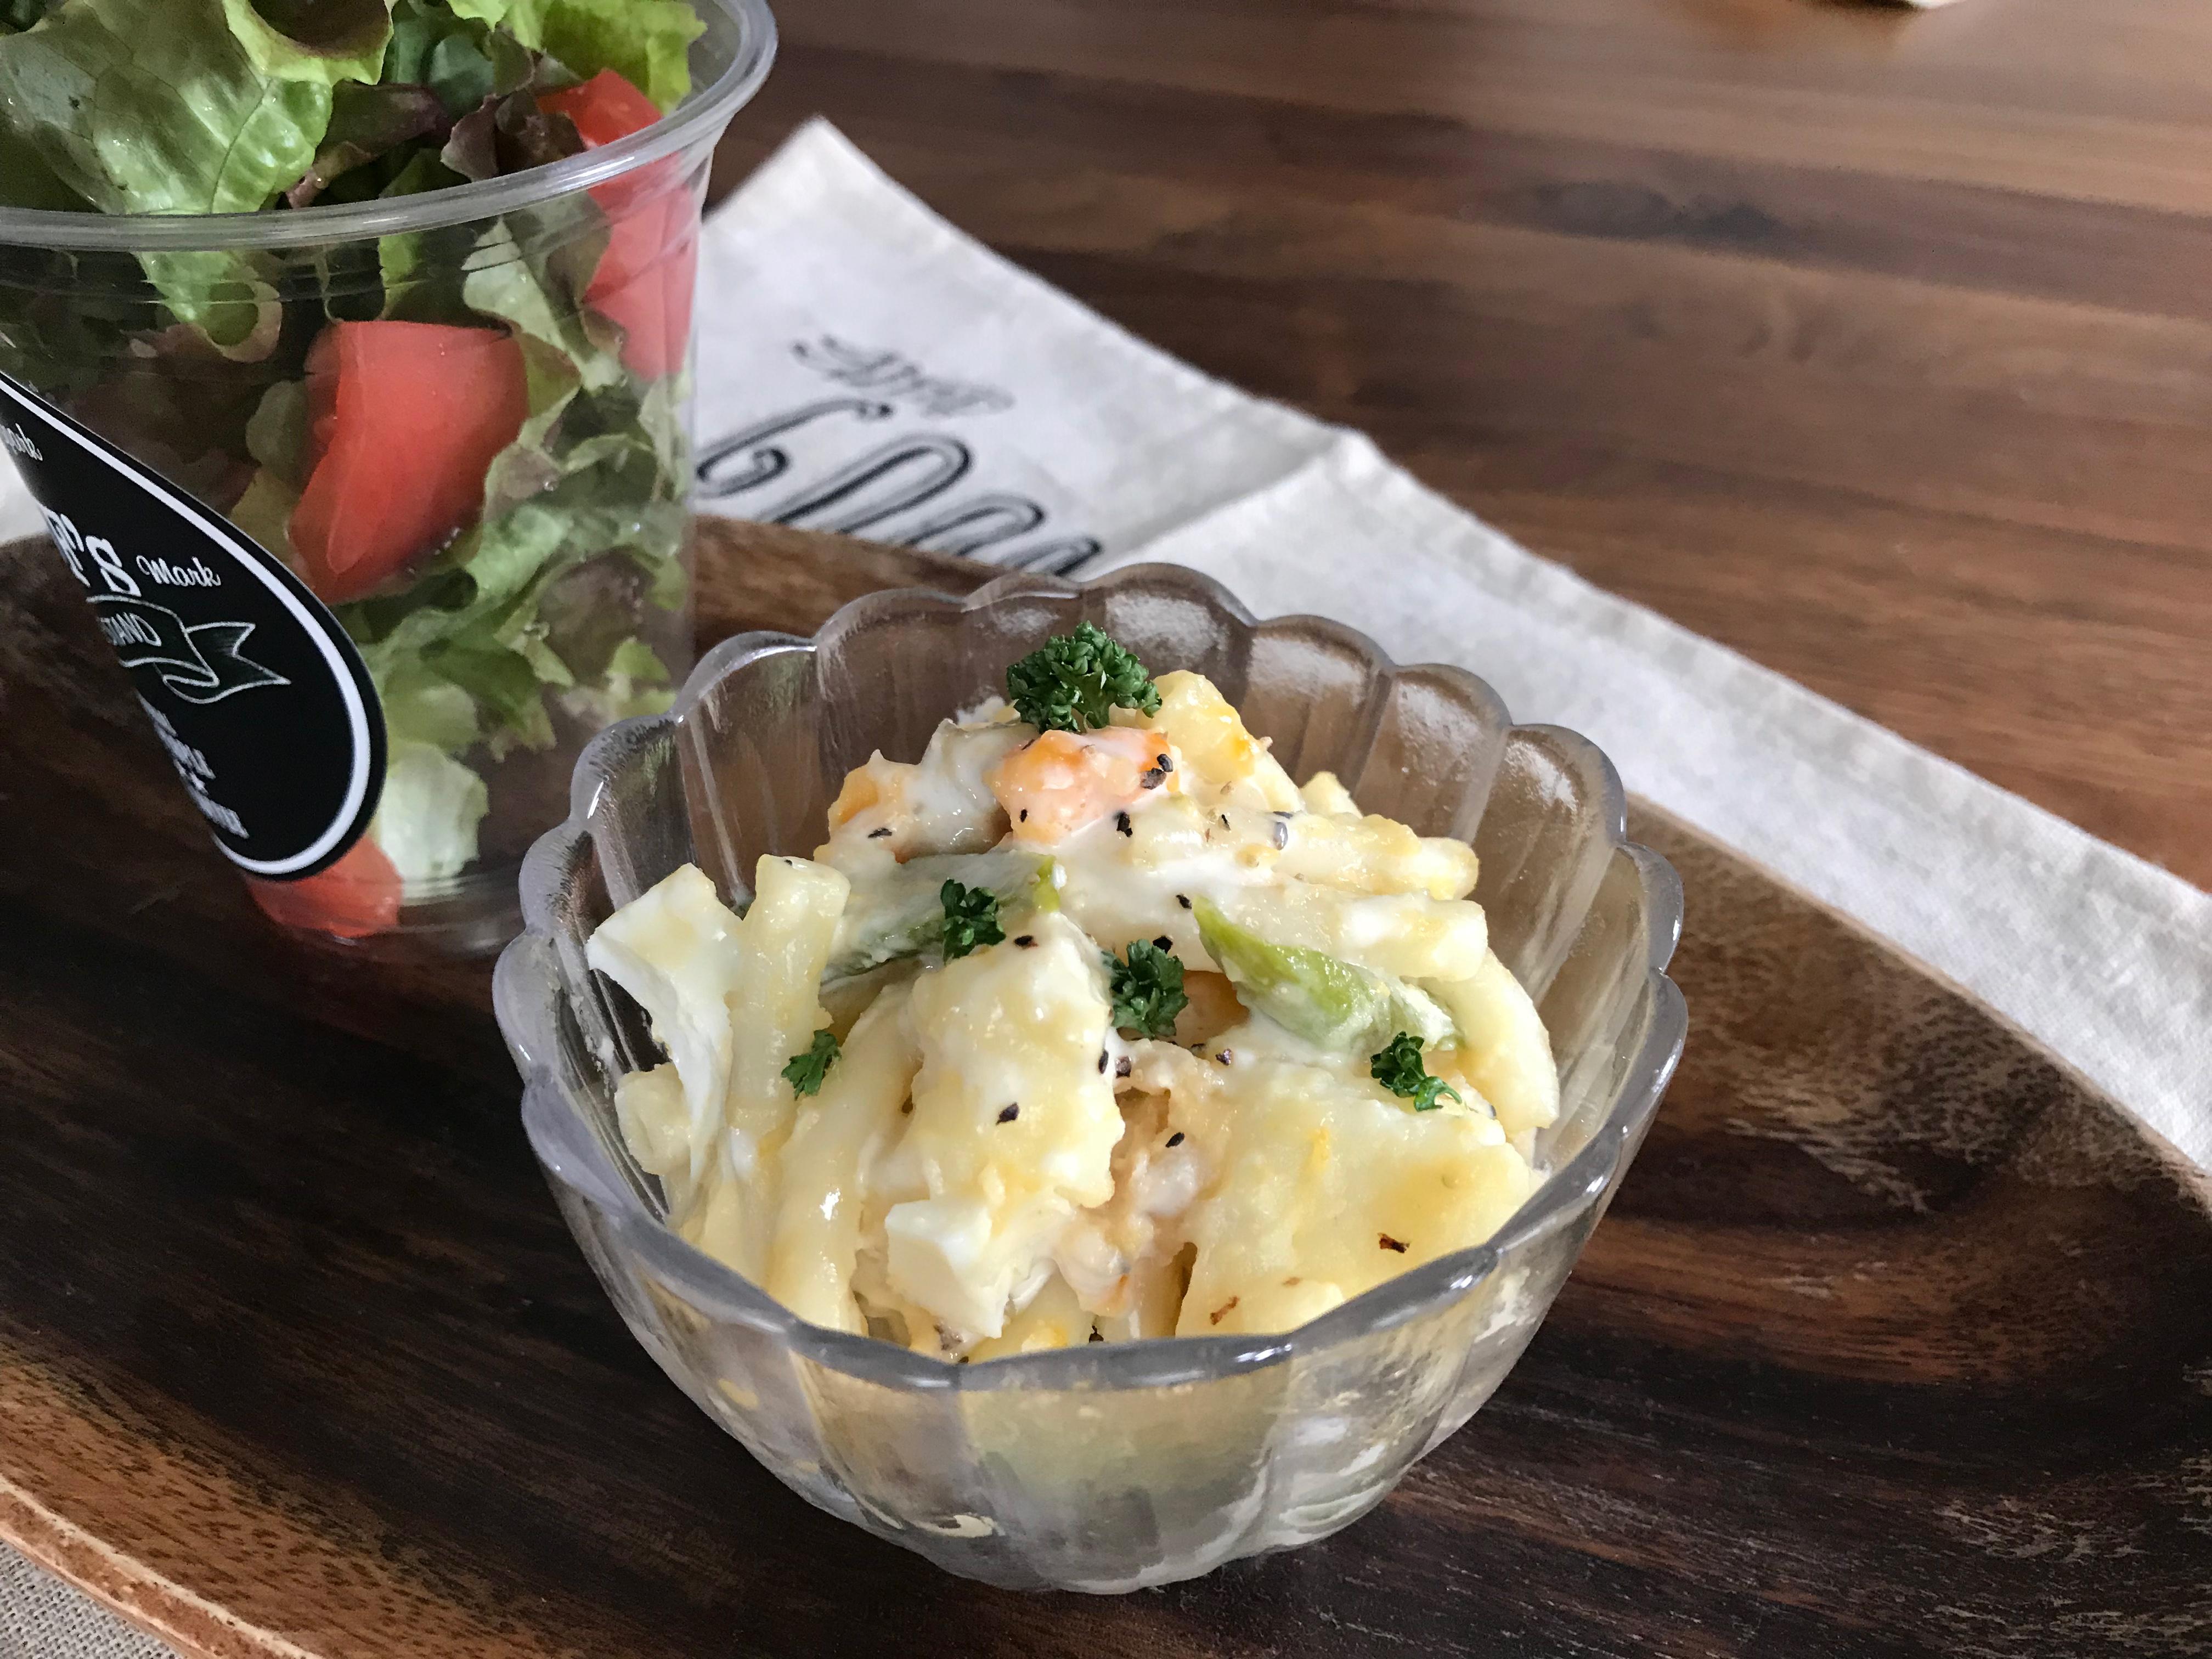 ポテトとマカロニのサラダ